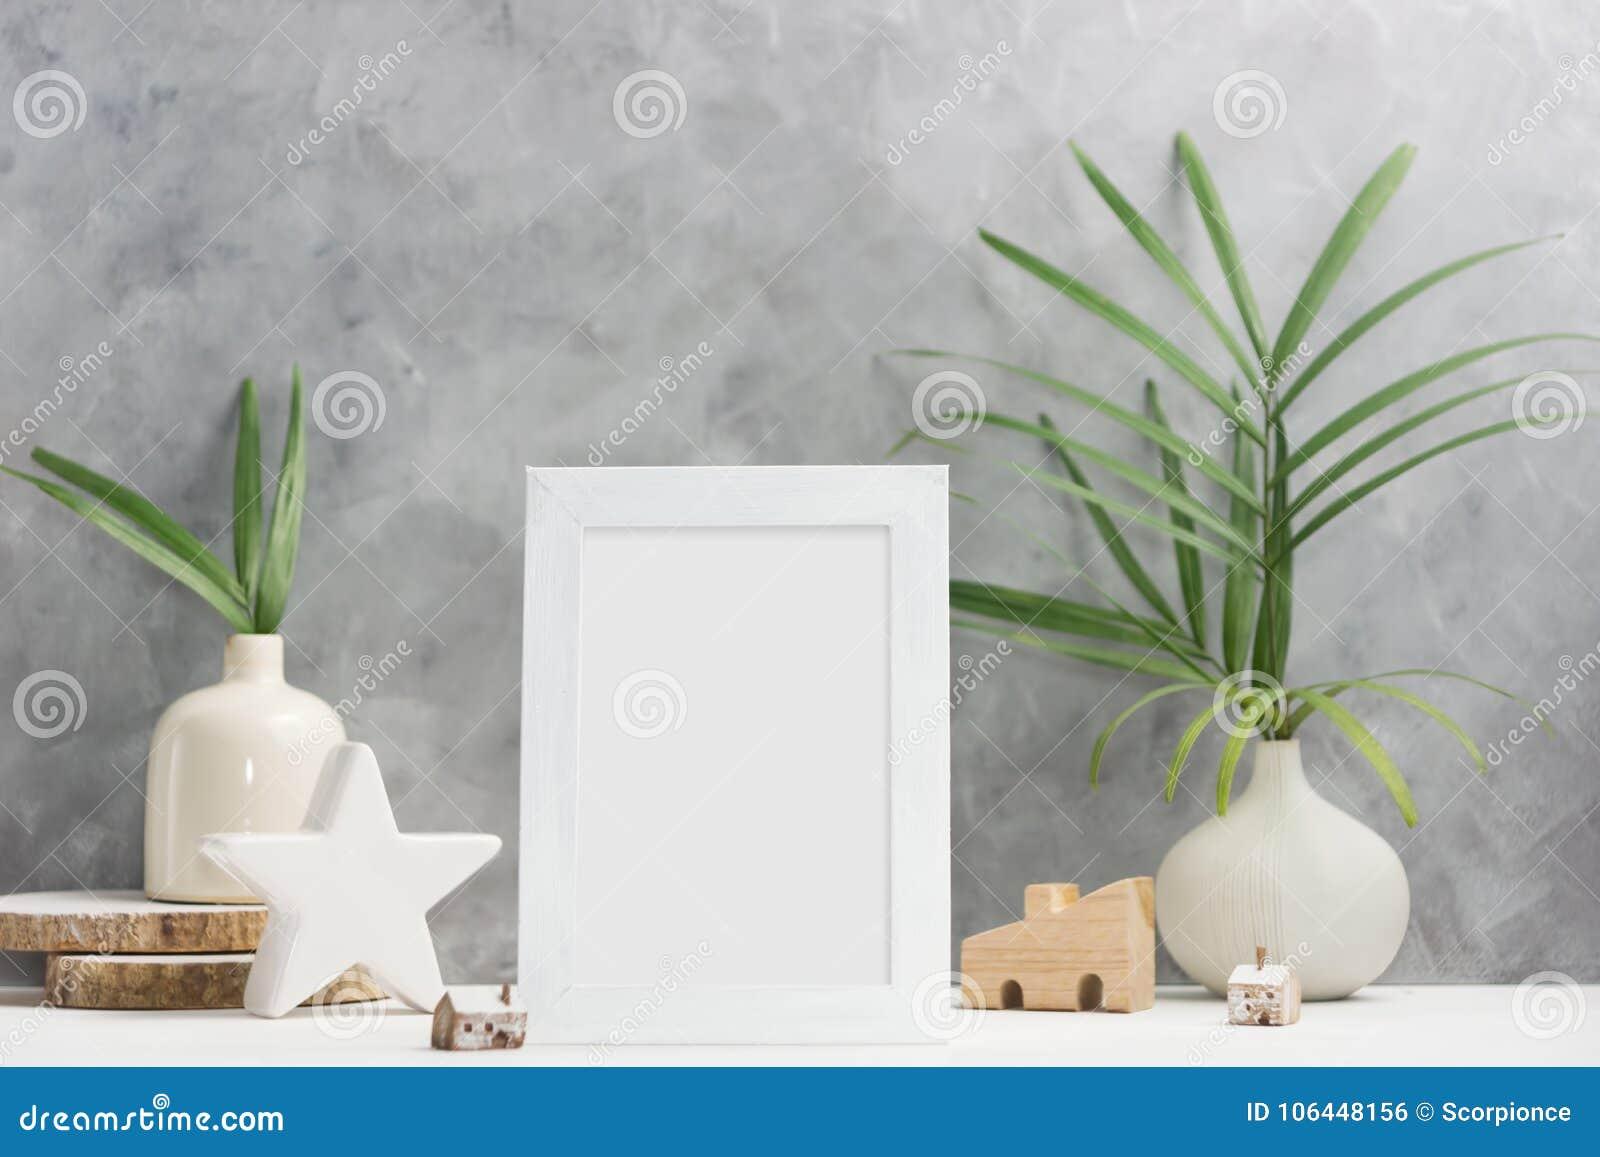 Fotorahmenspott oben mit Anlagen im Vase, keramischer Dekor auf Regal Skandinavische Art